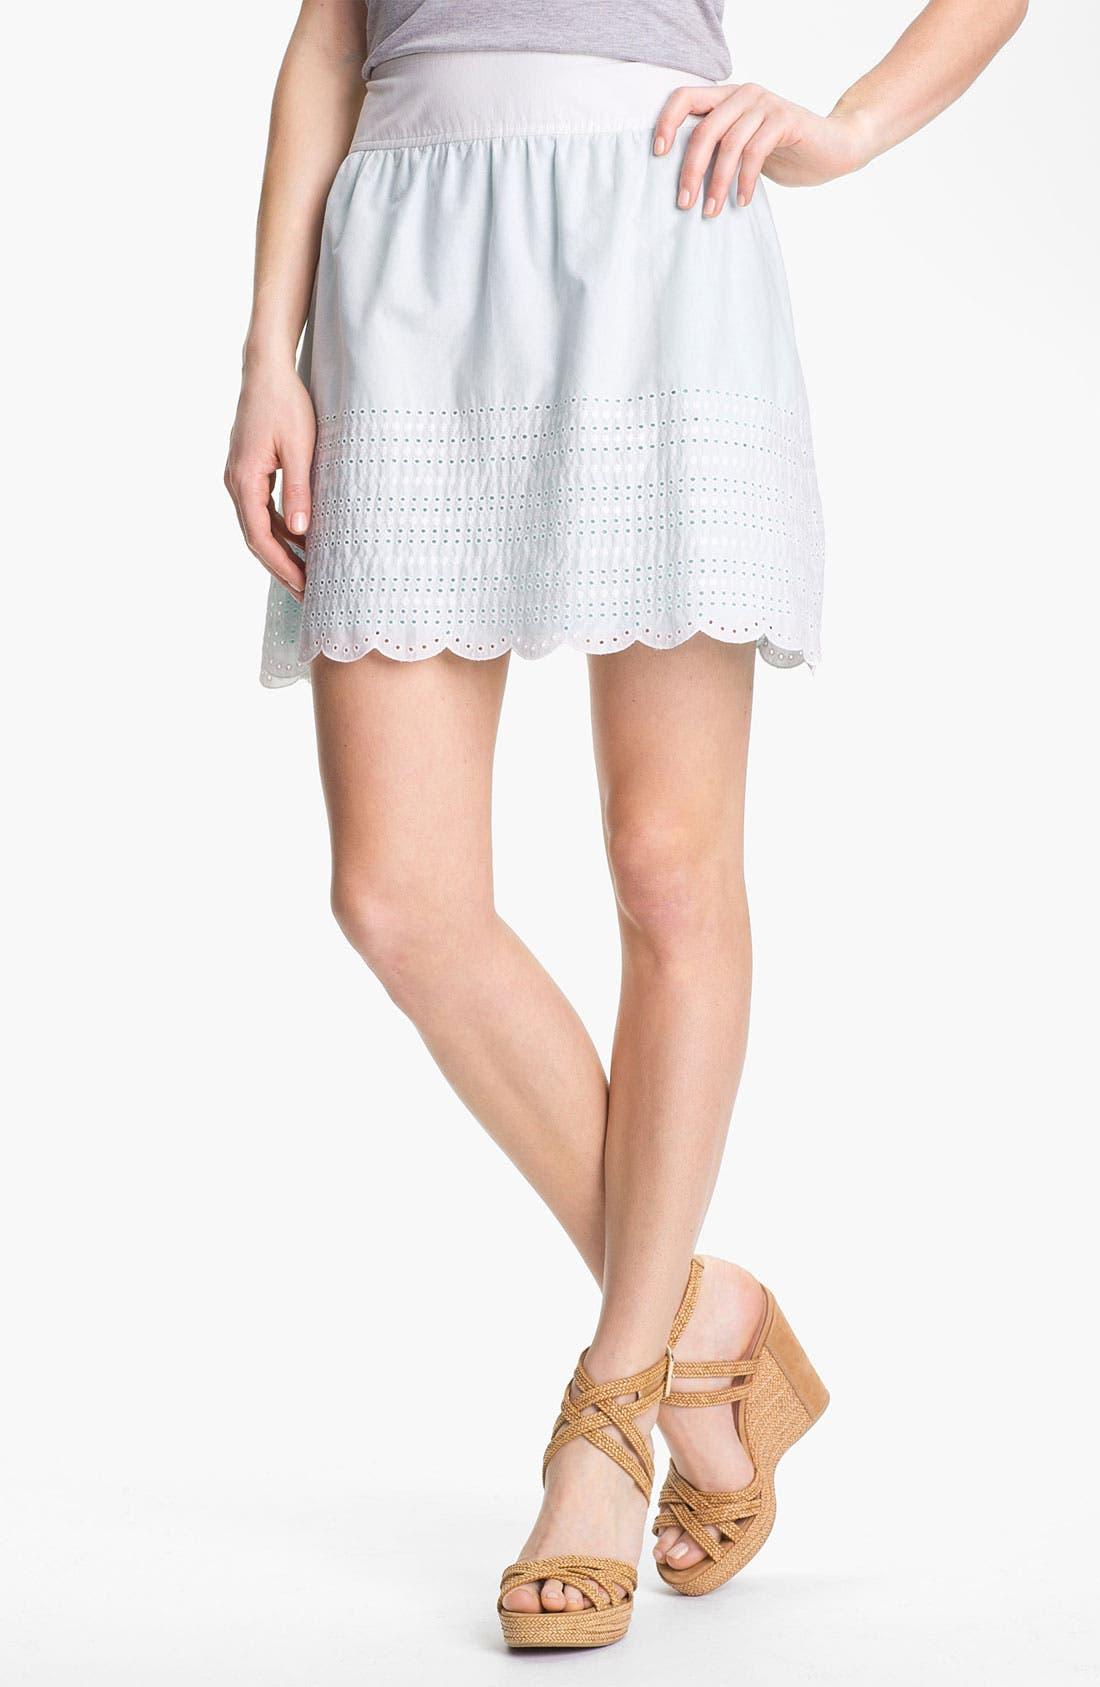 Alternate Image 1 Selected - Caslon Eyelet Cotton Skirt